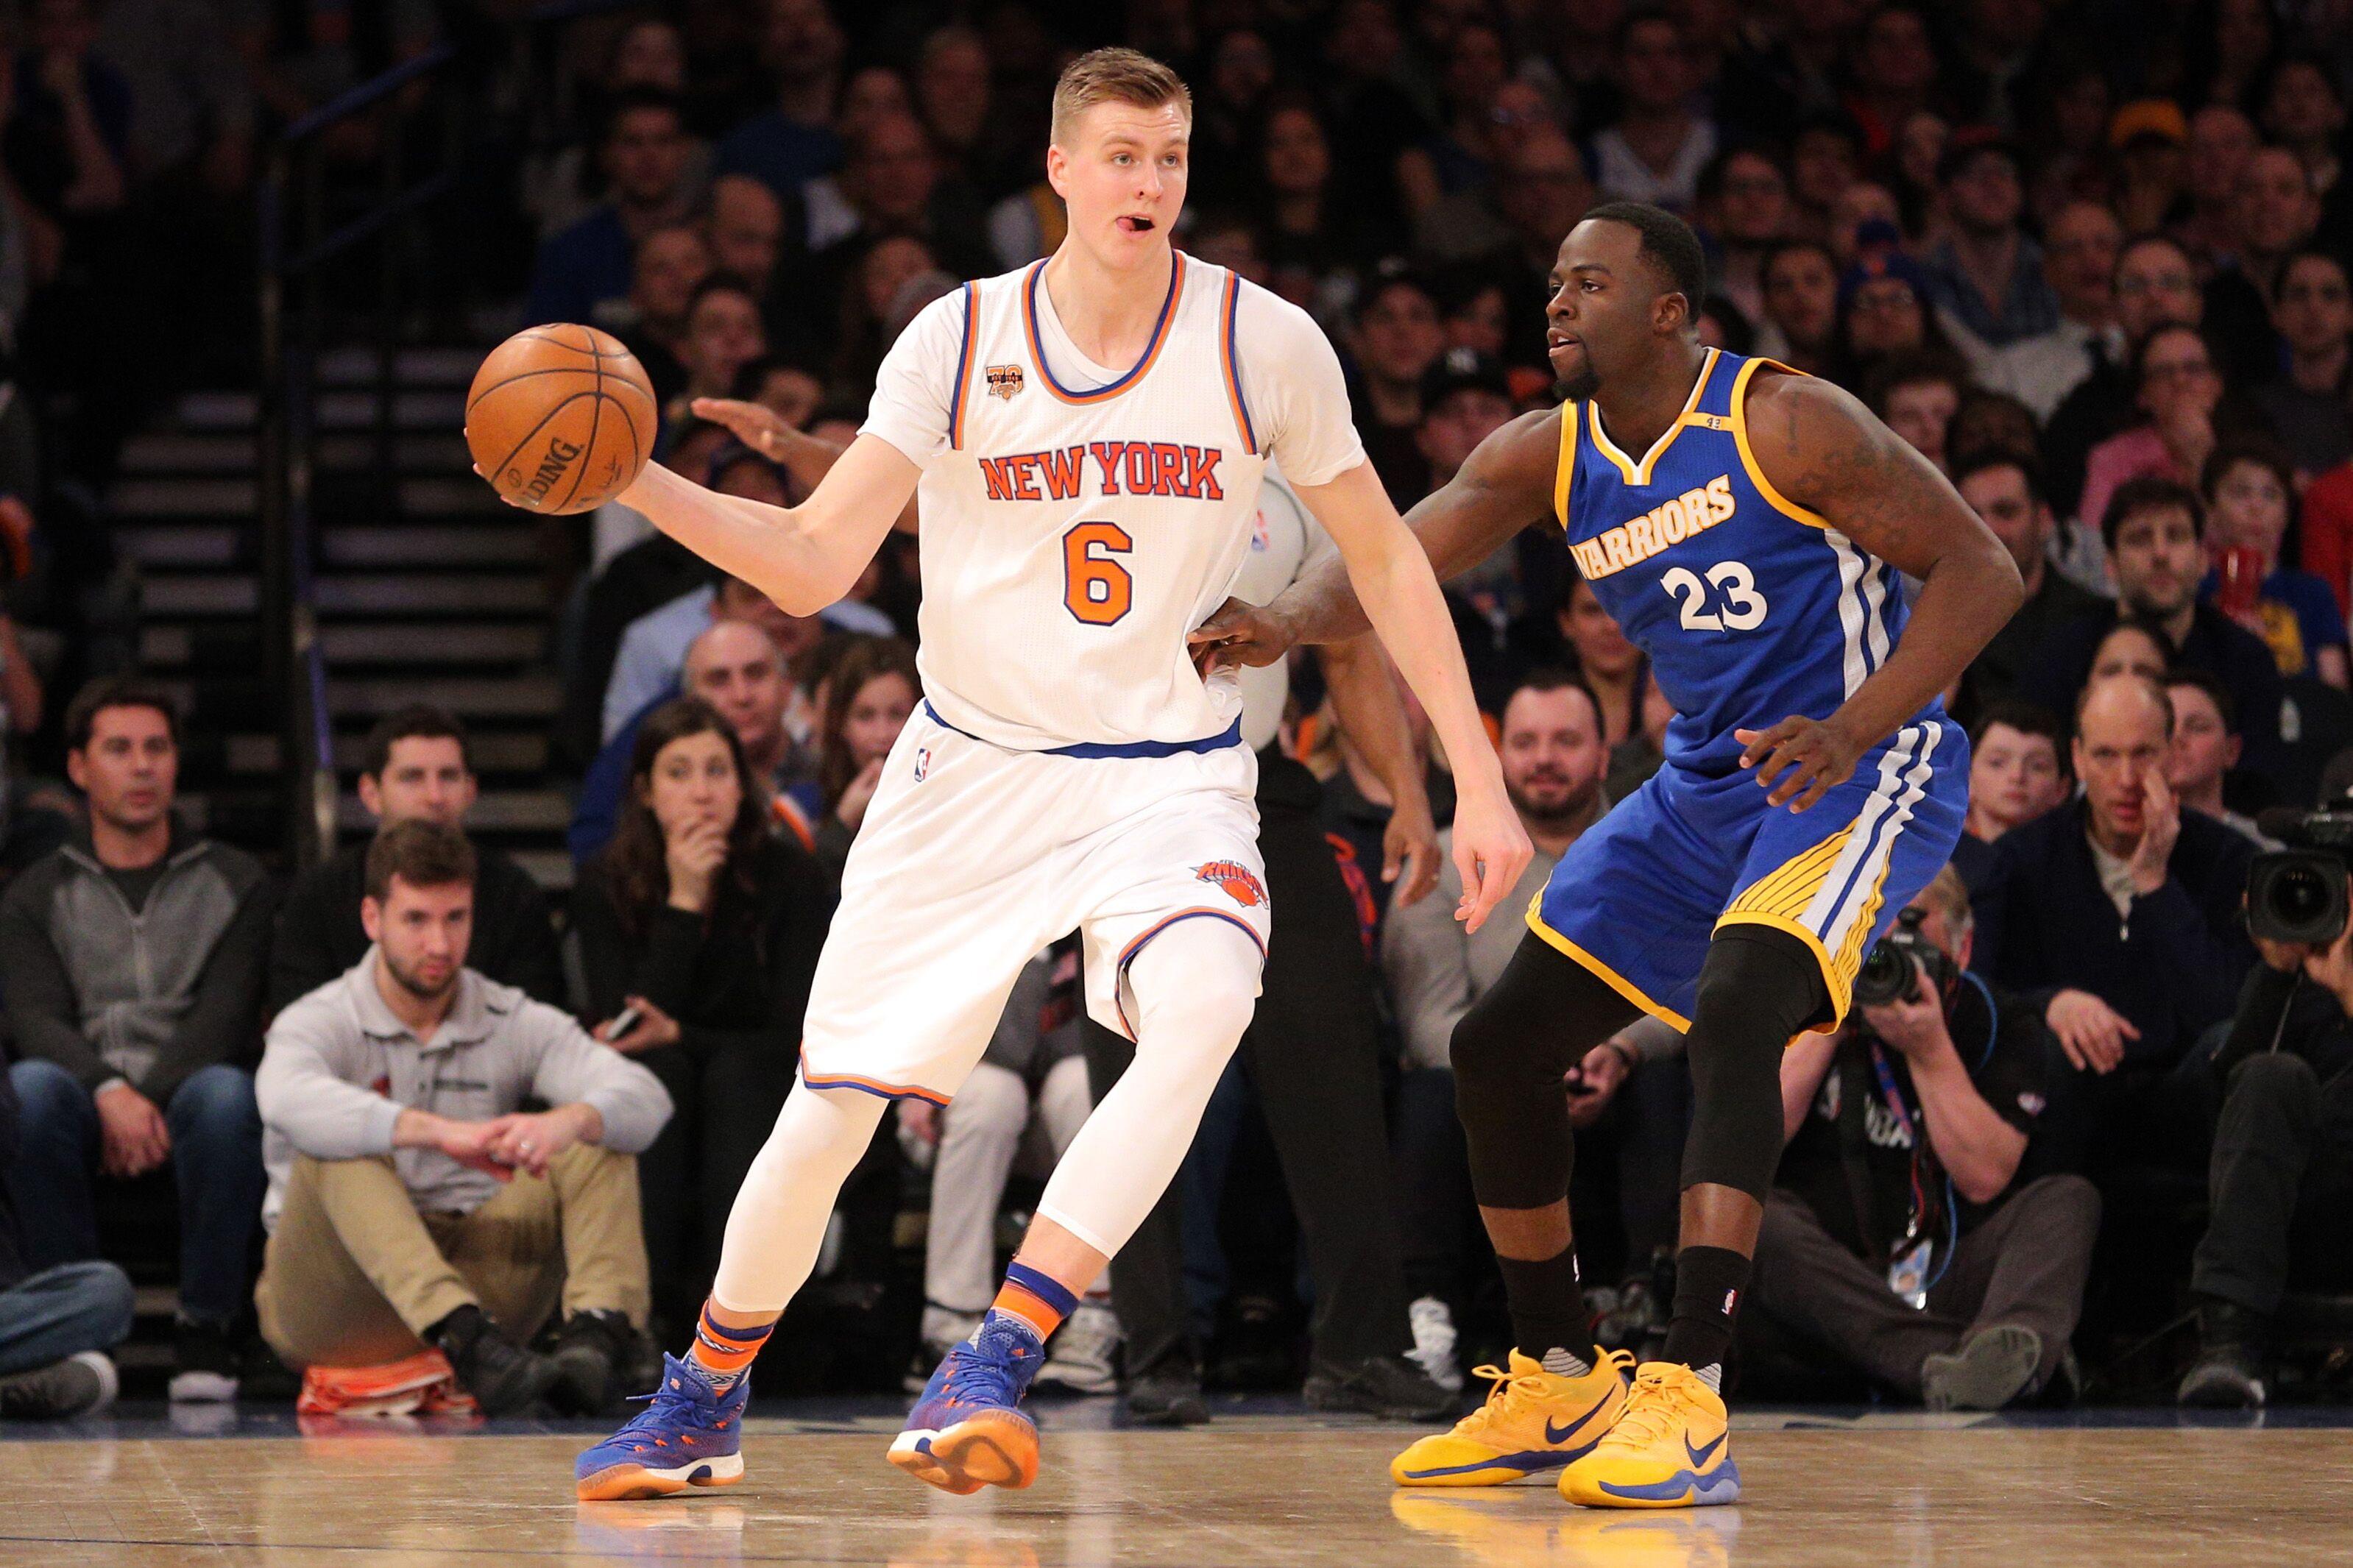 Golden State Warriors vs New York Knicks Recap, Highlights, Final Score, More